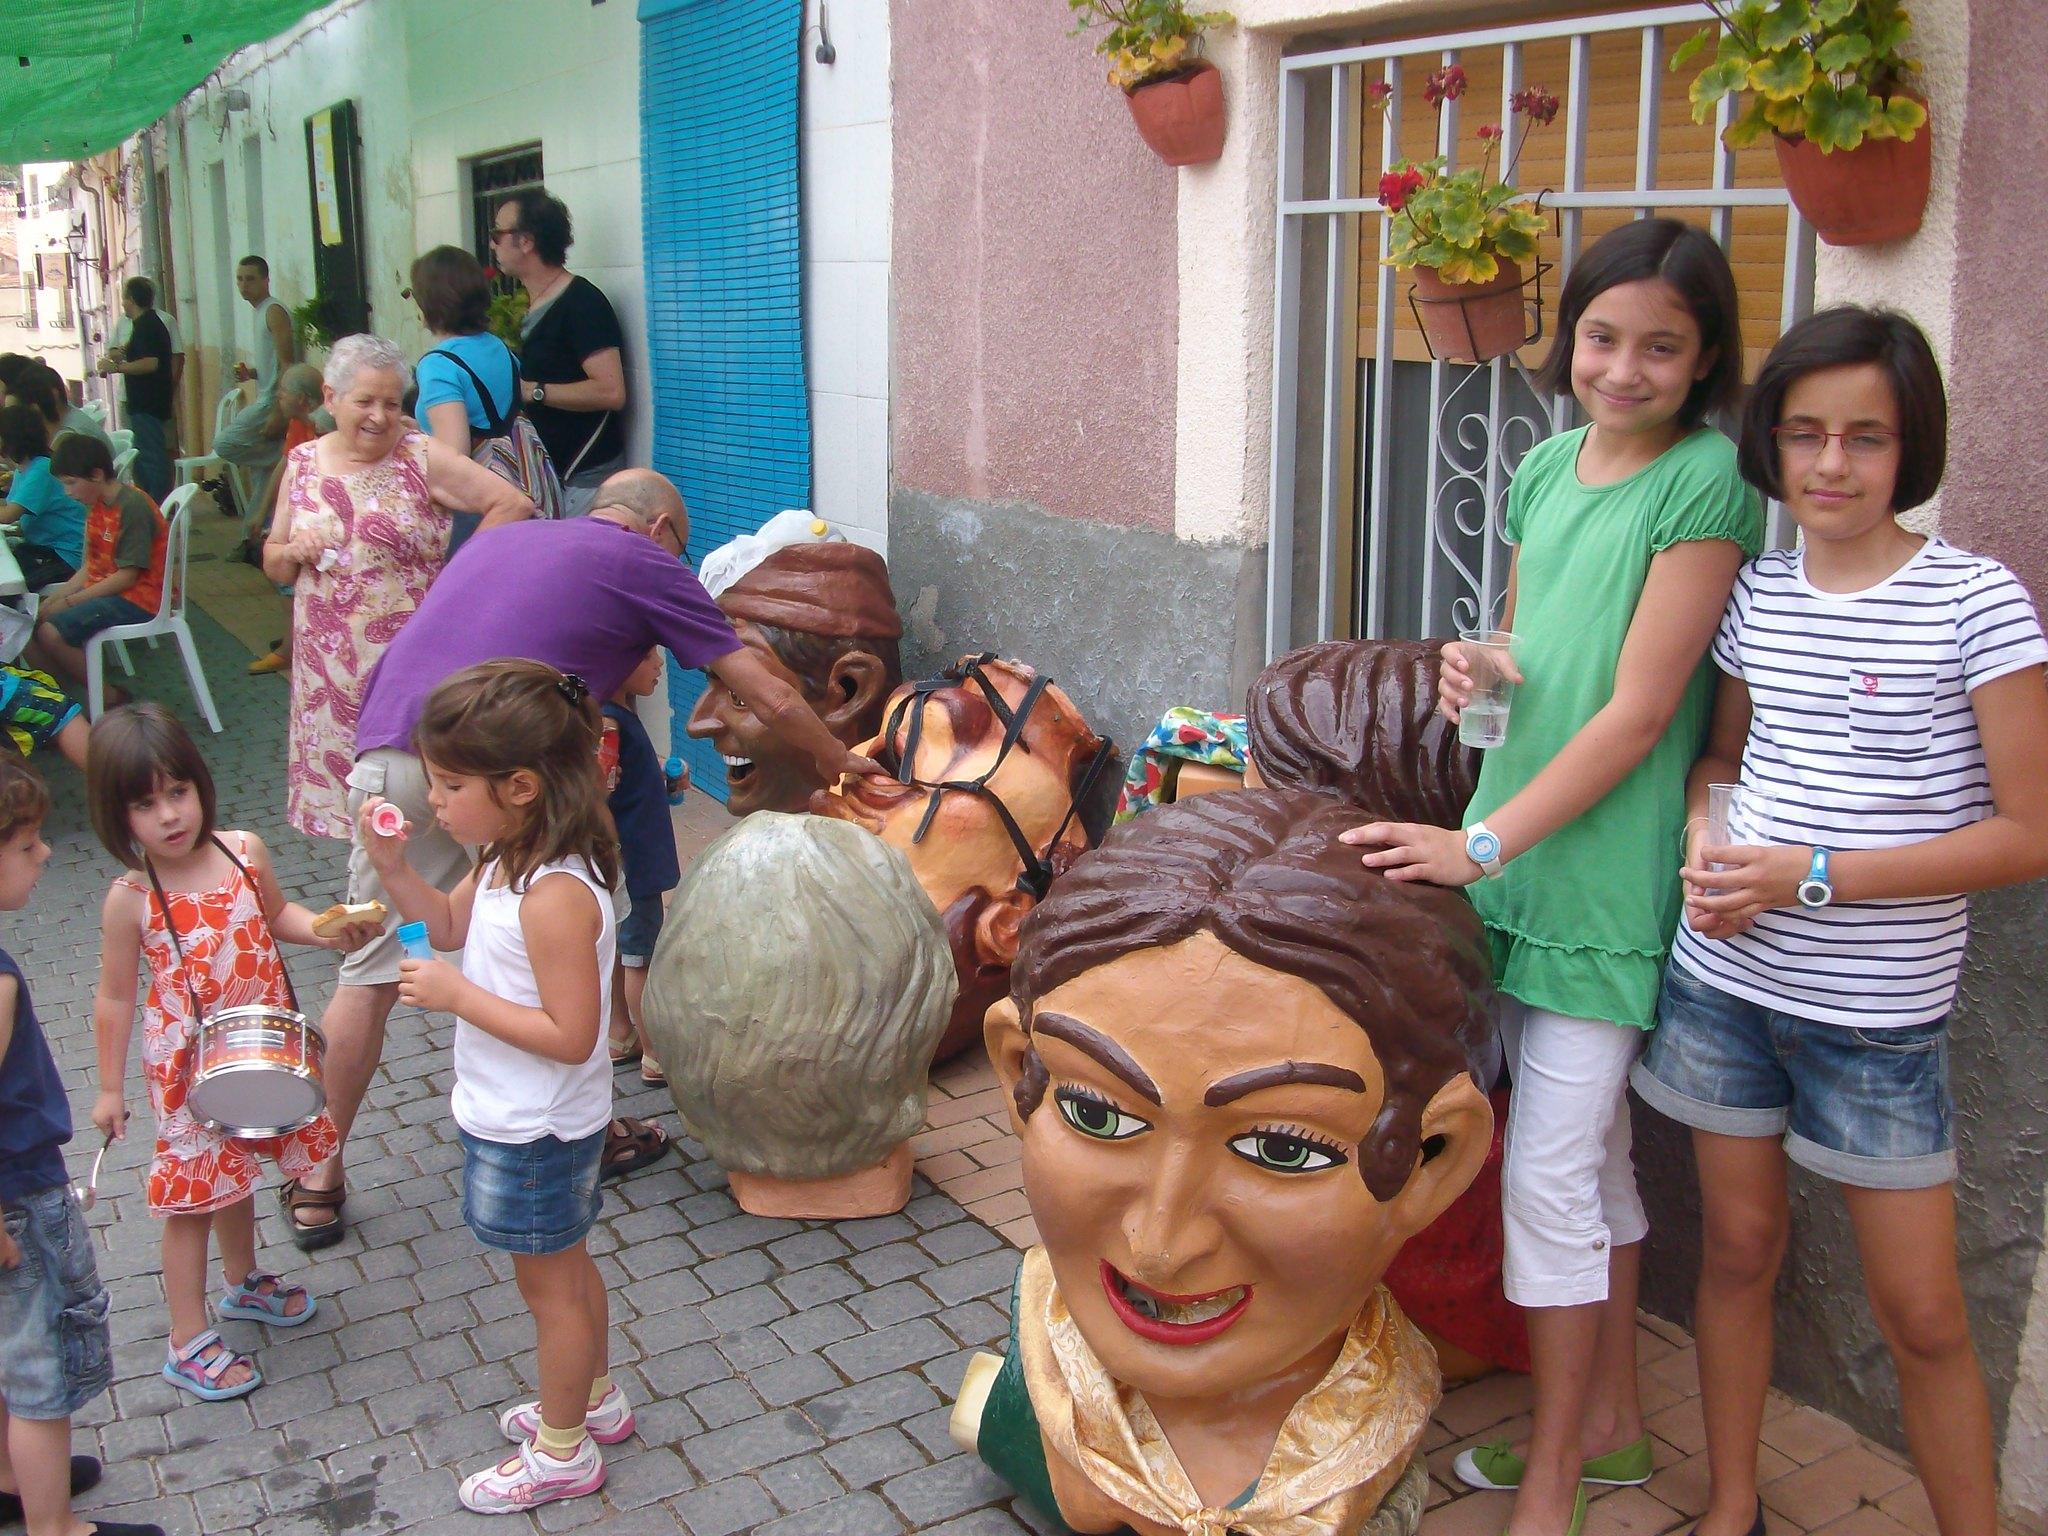 (2010-07-04) - Pasacalle Gent de Nanos - José Vicente Romero Ripoll -  (30)